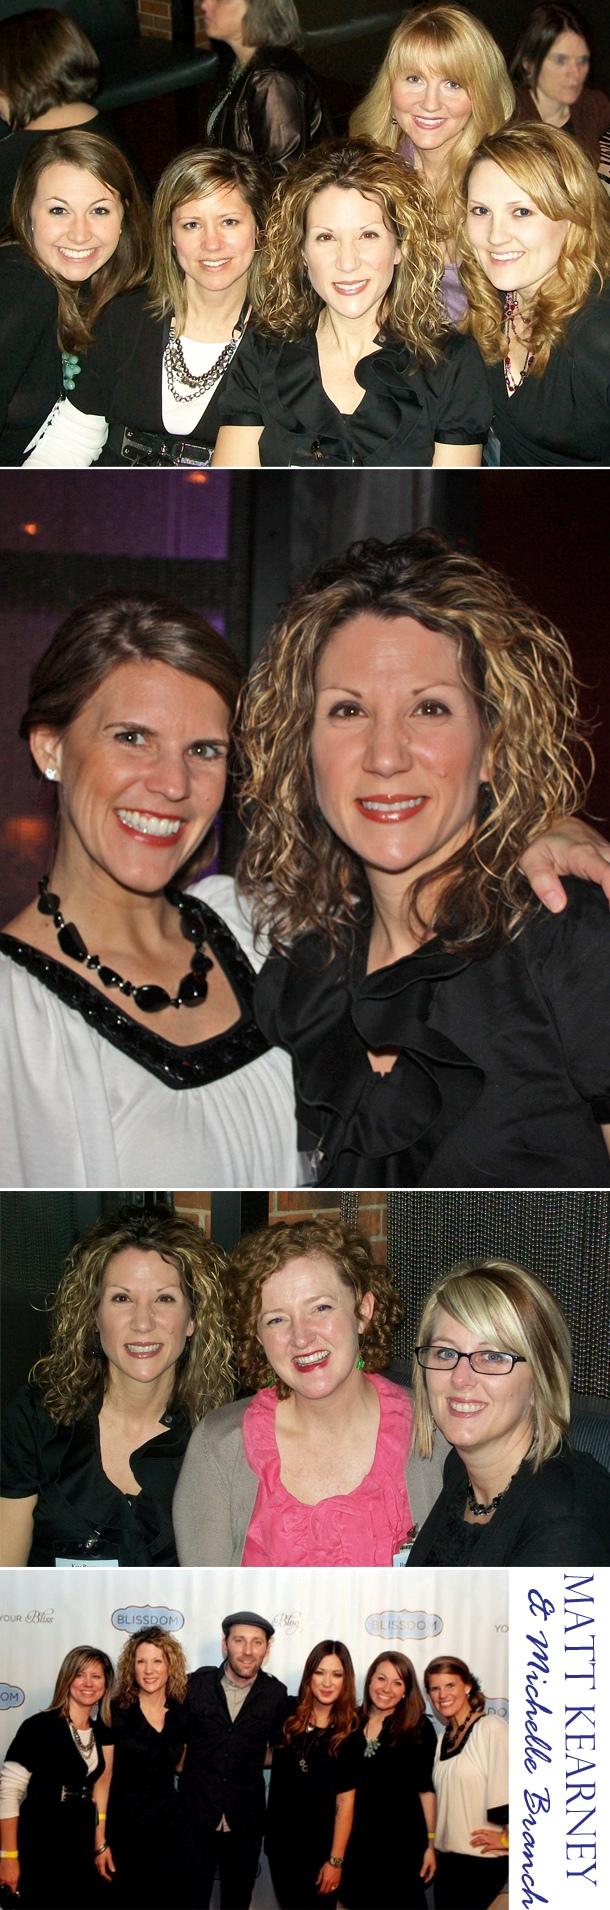 Blissdom event w matt kearney michelle branch 20112